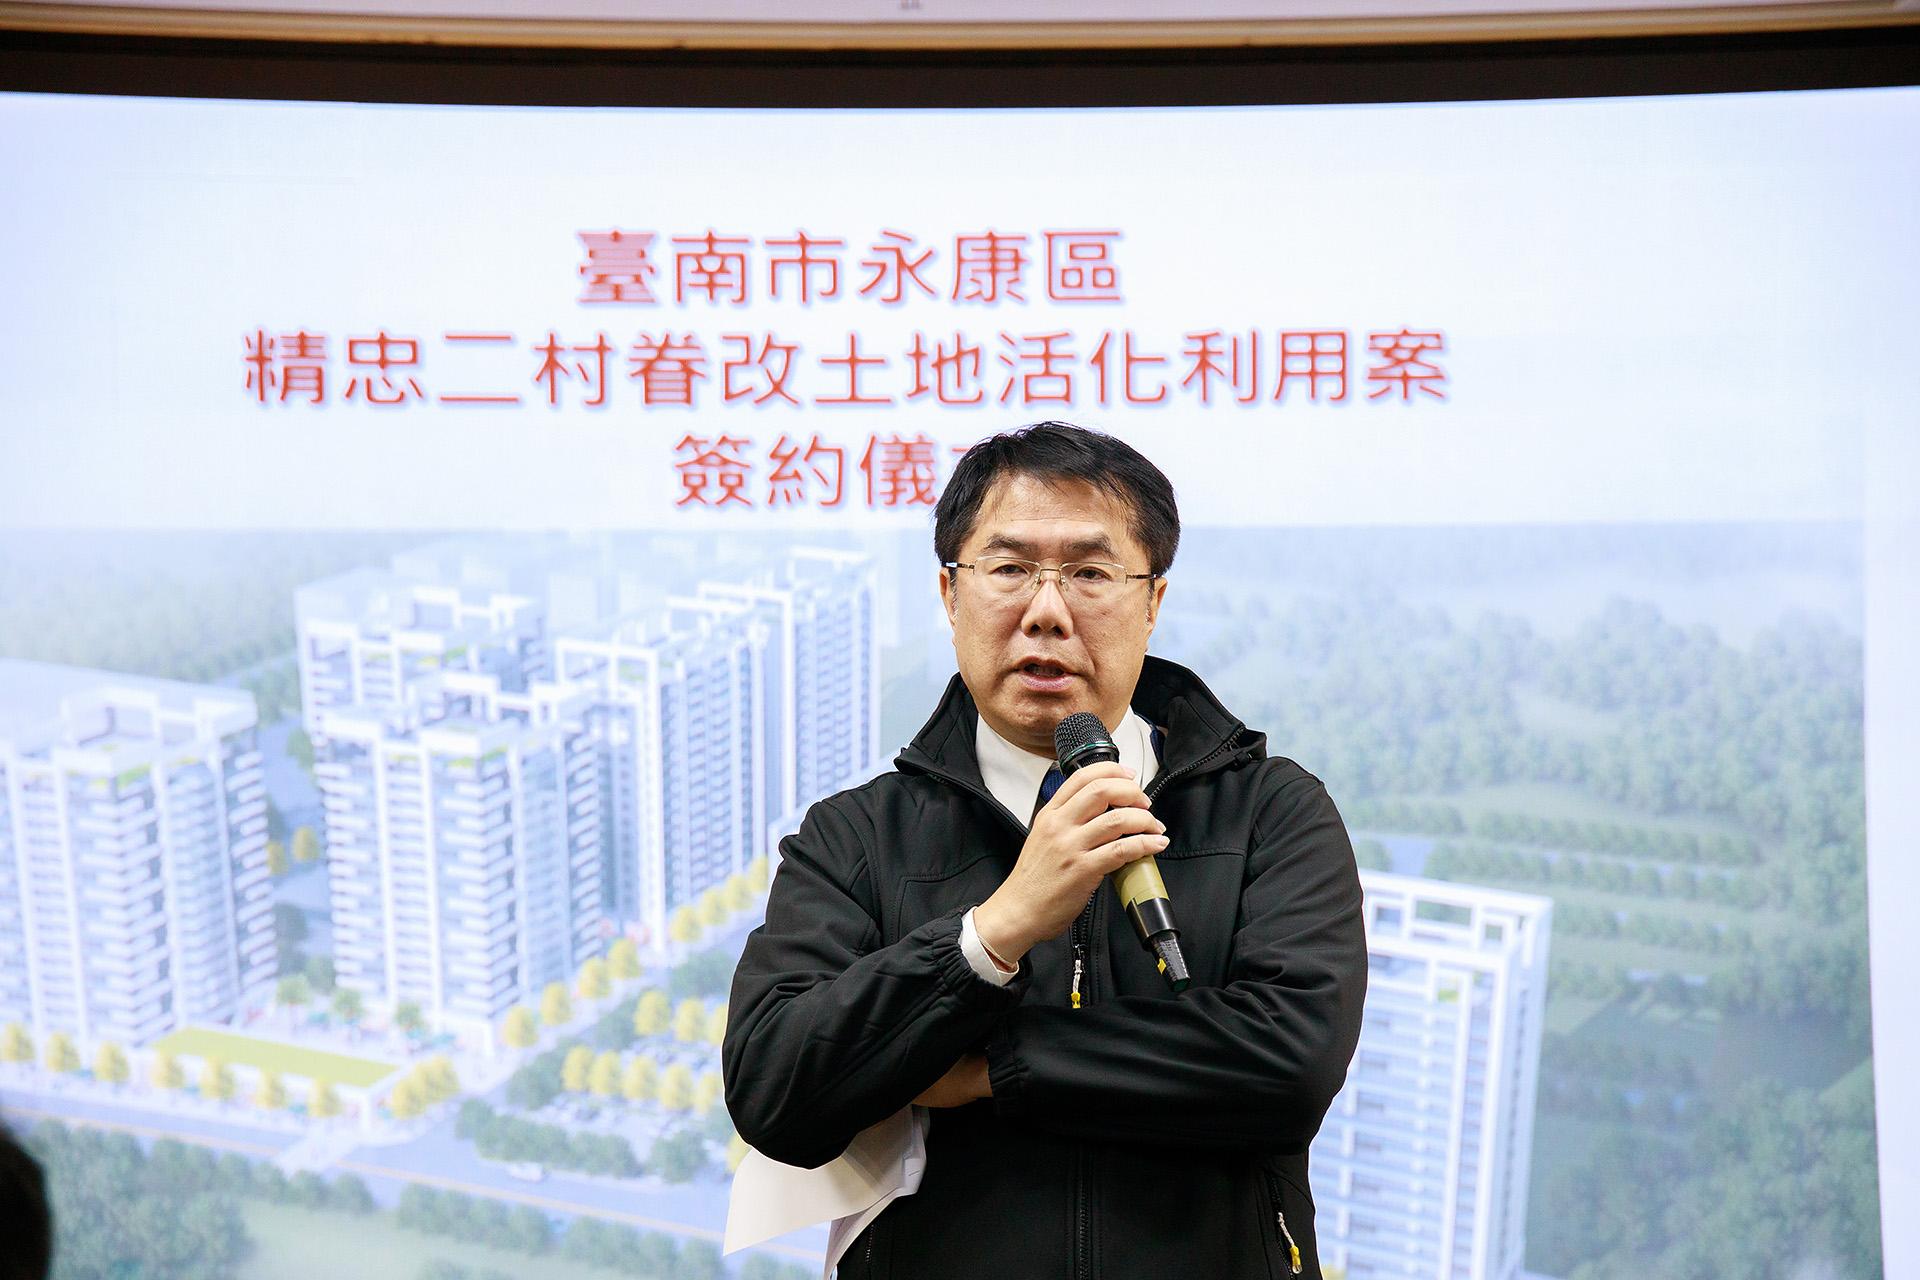 黃偉哲市長出席簽約儀式致詞